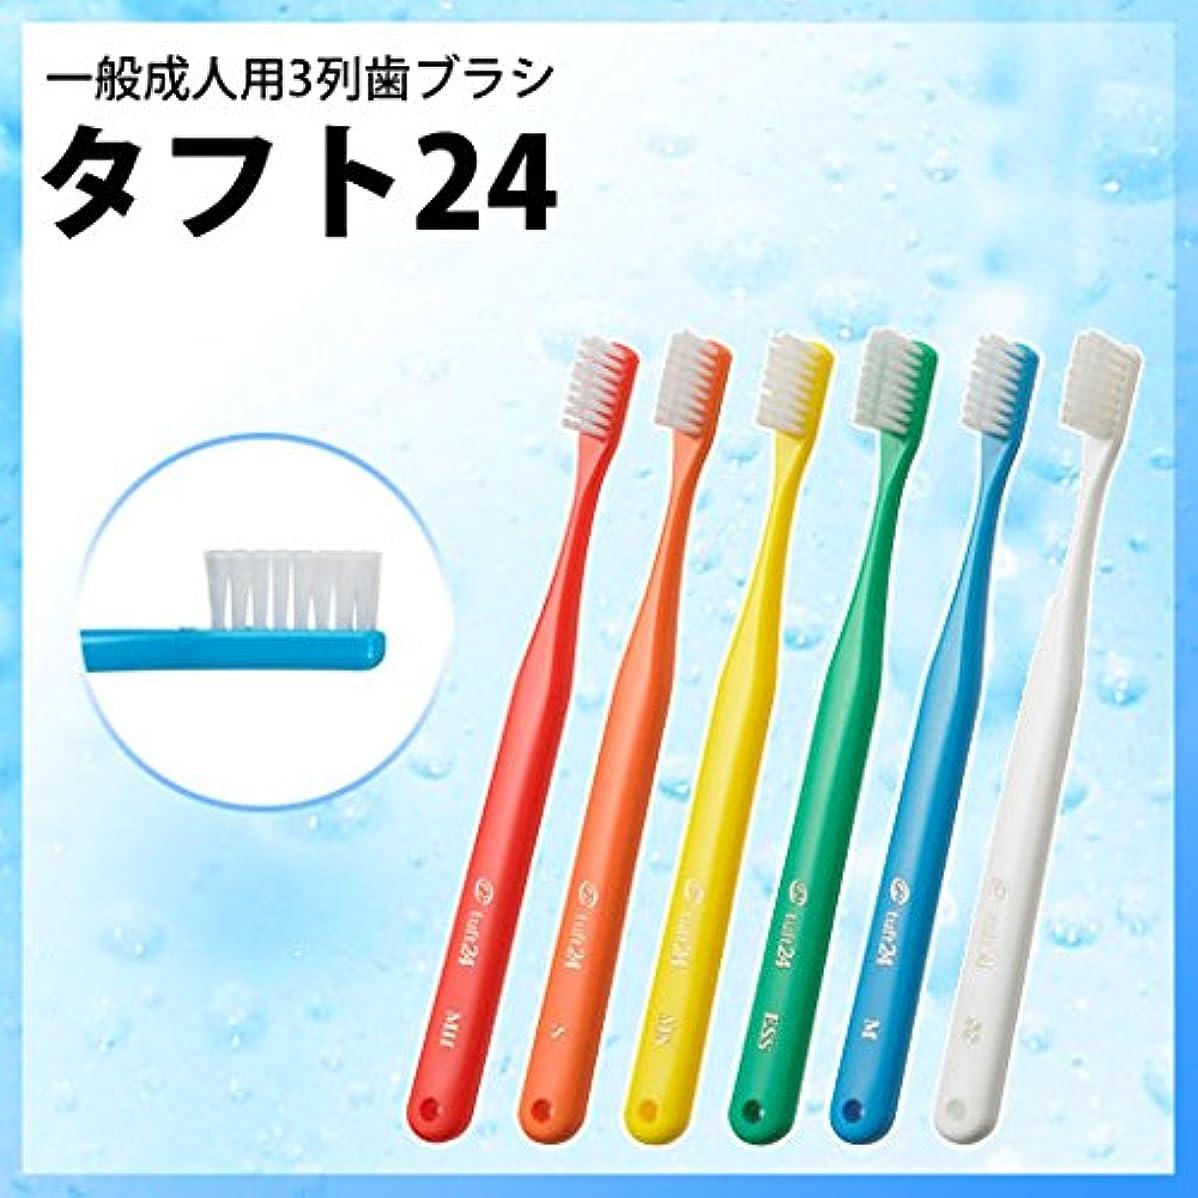 デンマーク省観客タフト24 歯ブラシ 5本セット SS キャップなし (オレンジ)